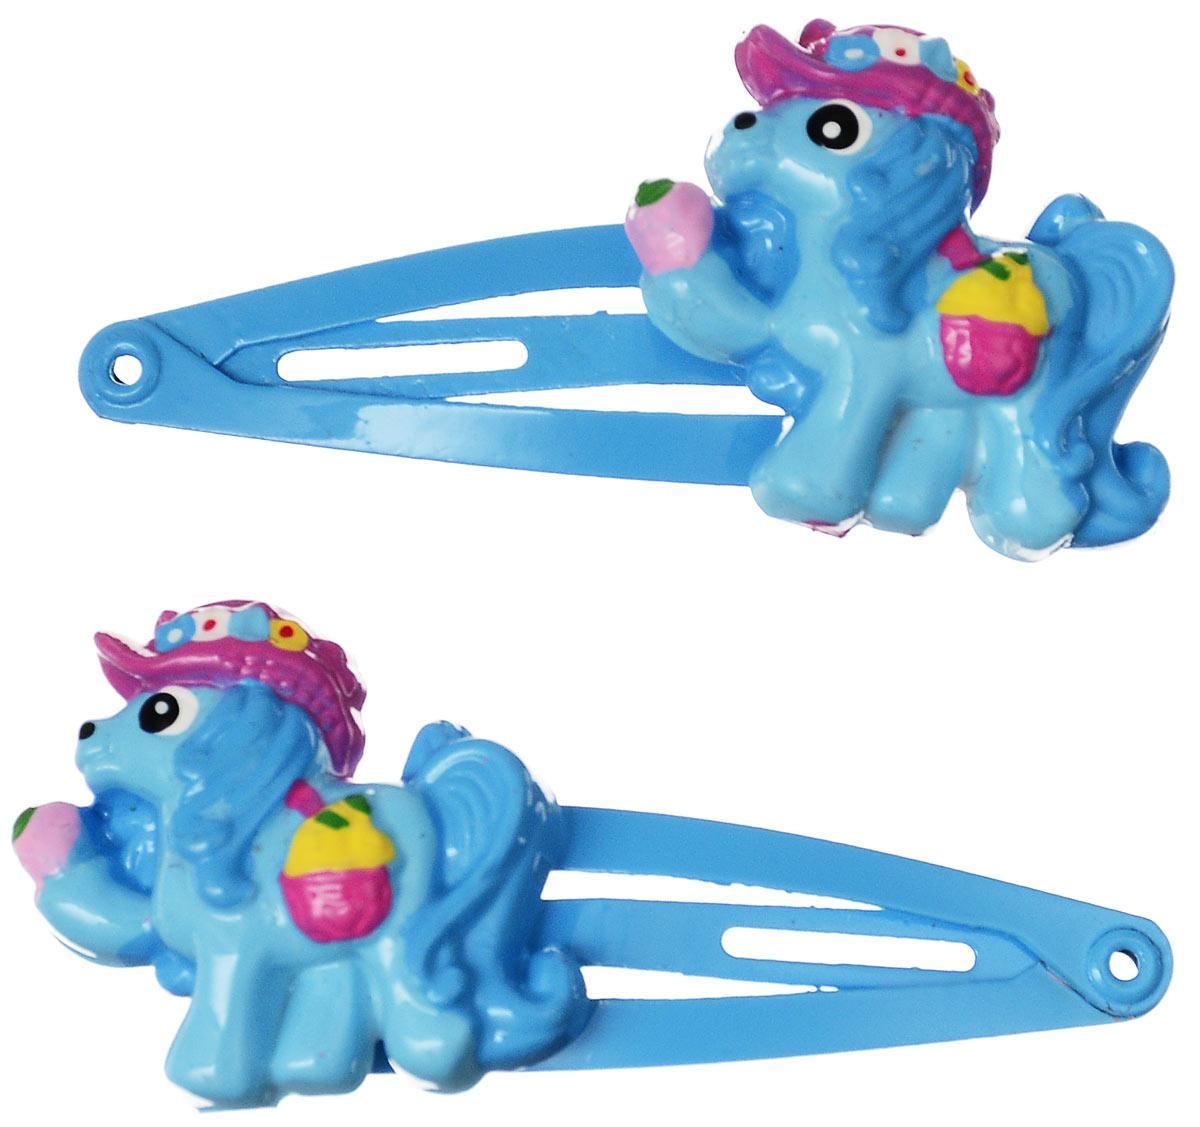 Зажим для волос Babys Joy, цвет: голубой. AL 966AL 966_голубойНабор зажимов для волос Babys Joy с автоматическим зажимным механизмом изготовлен из металла и оформлен фигуркой пони, выполненной из пластика. Комплект содержит две заколочки. Зажим для волос Babys Joy надежно зафиксирует непослушные локоны и подчеркнет красоту прически вашей маленькой принцессы.